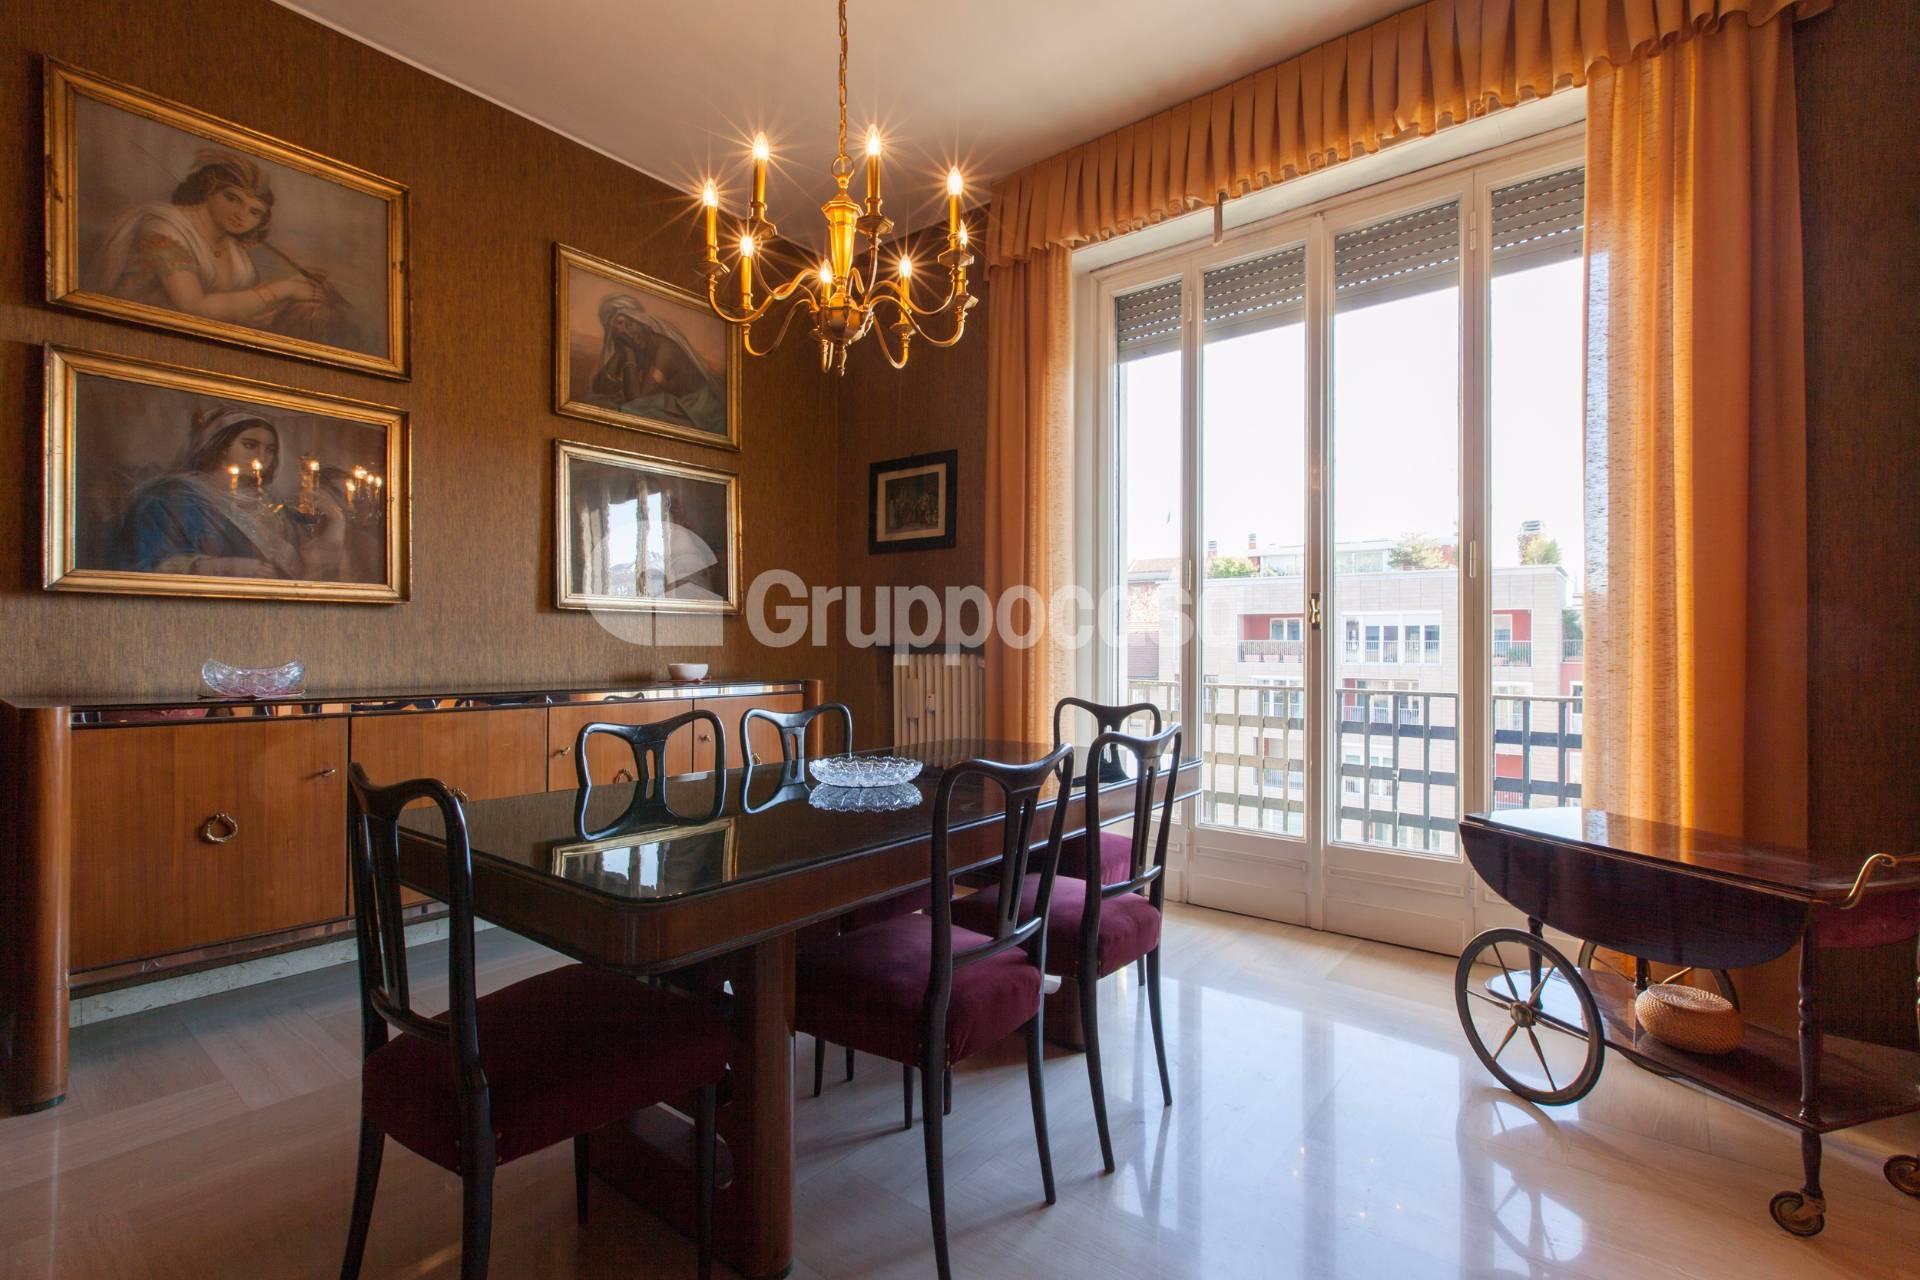 Vendita case con terrazzo a Milano Pag. 7 - Cambiocasa.it